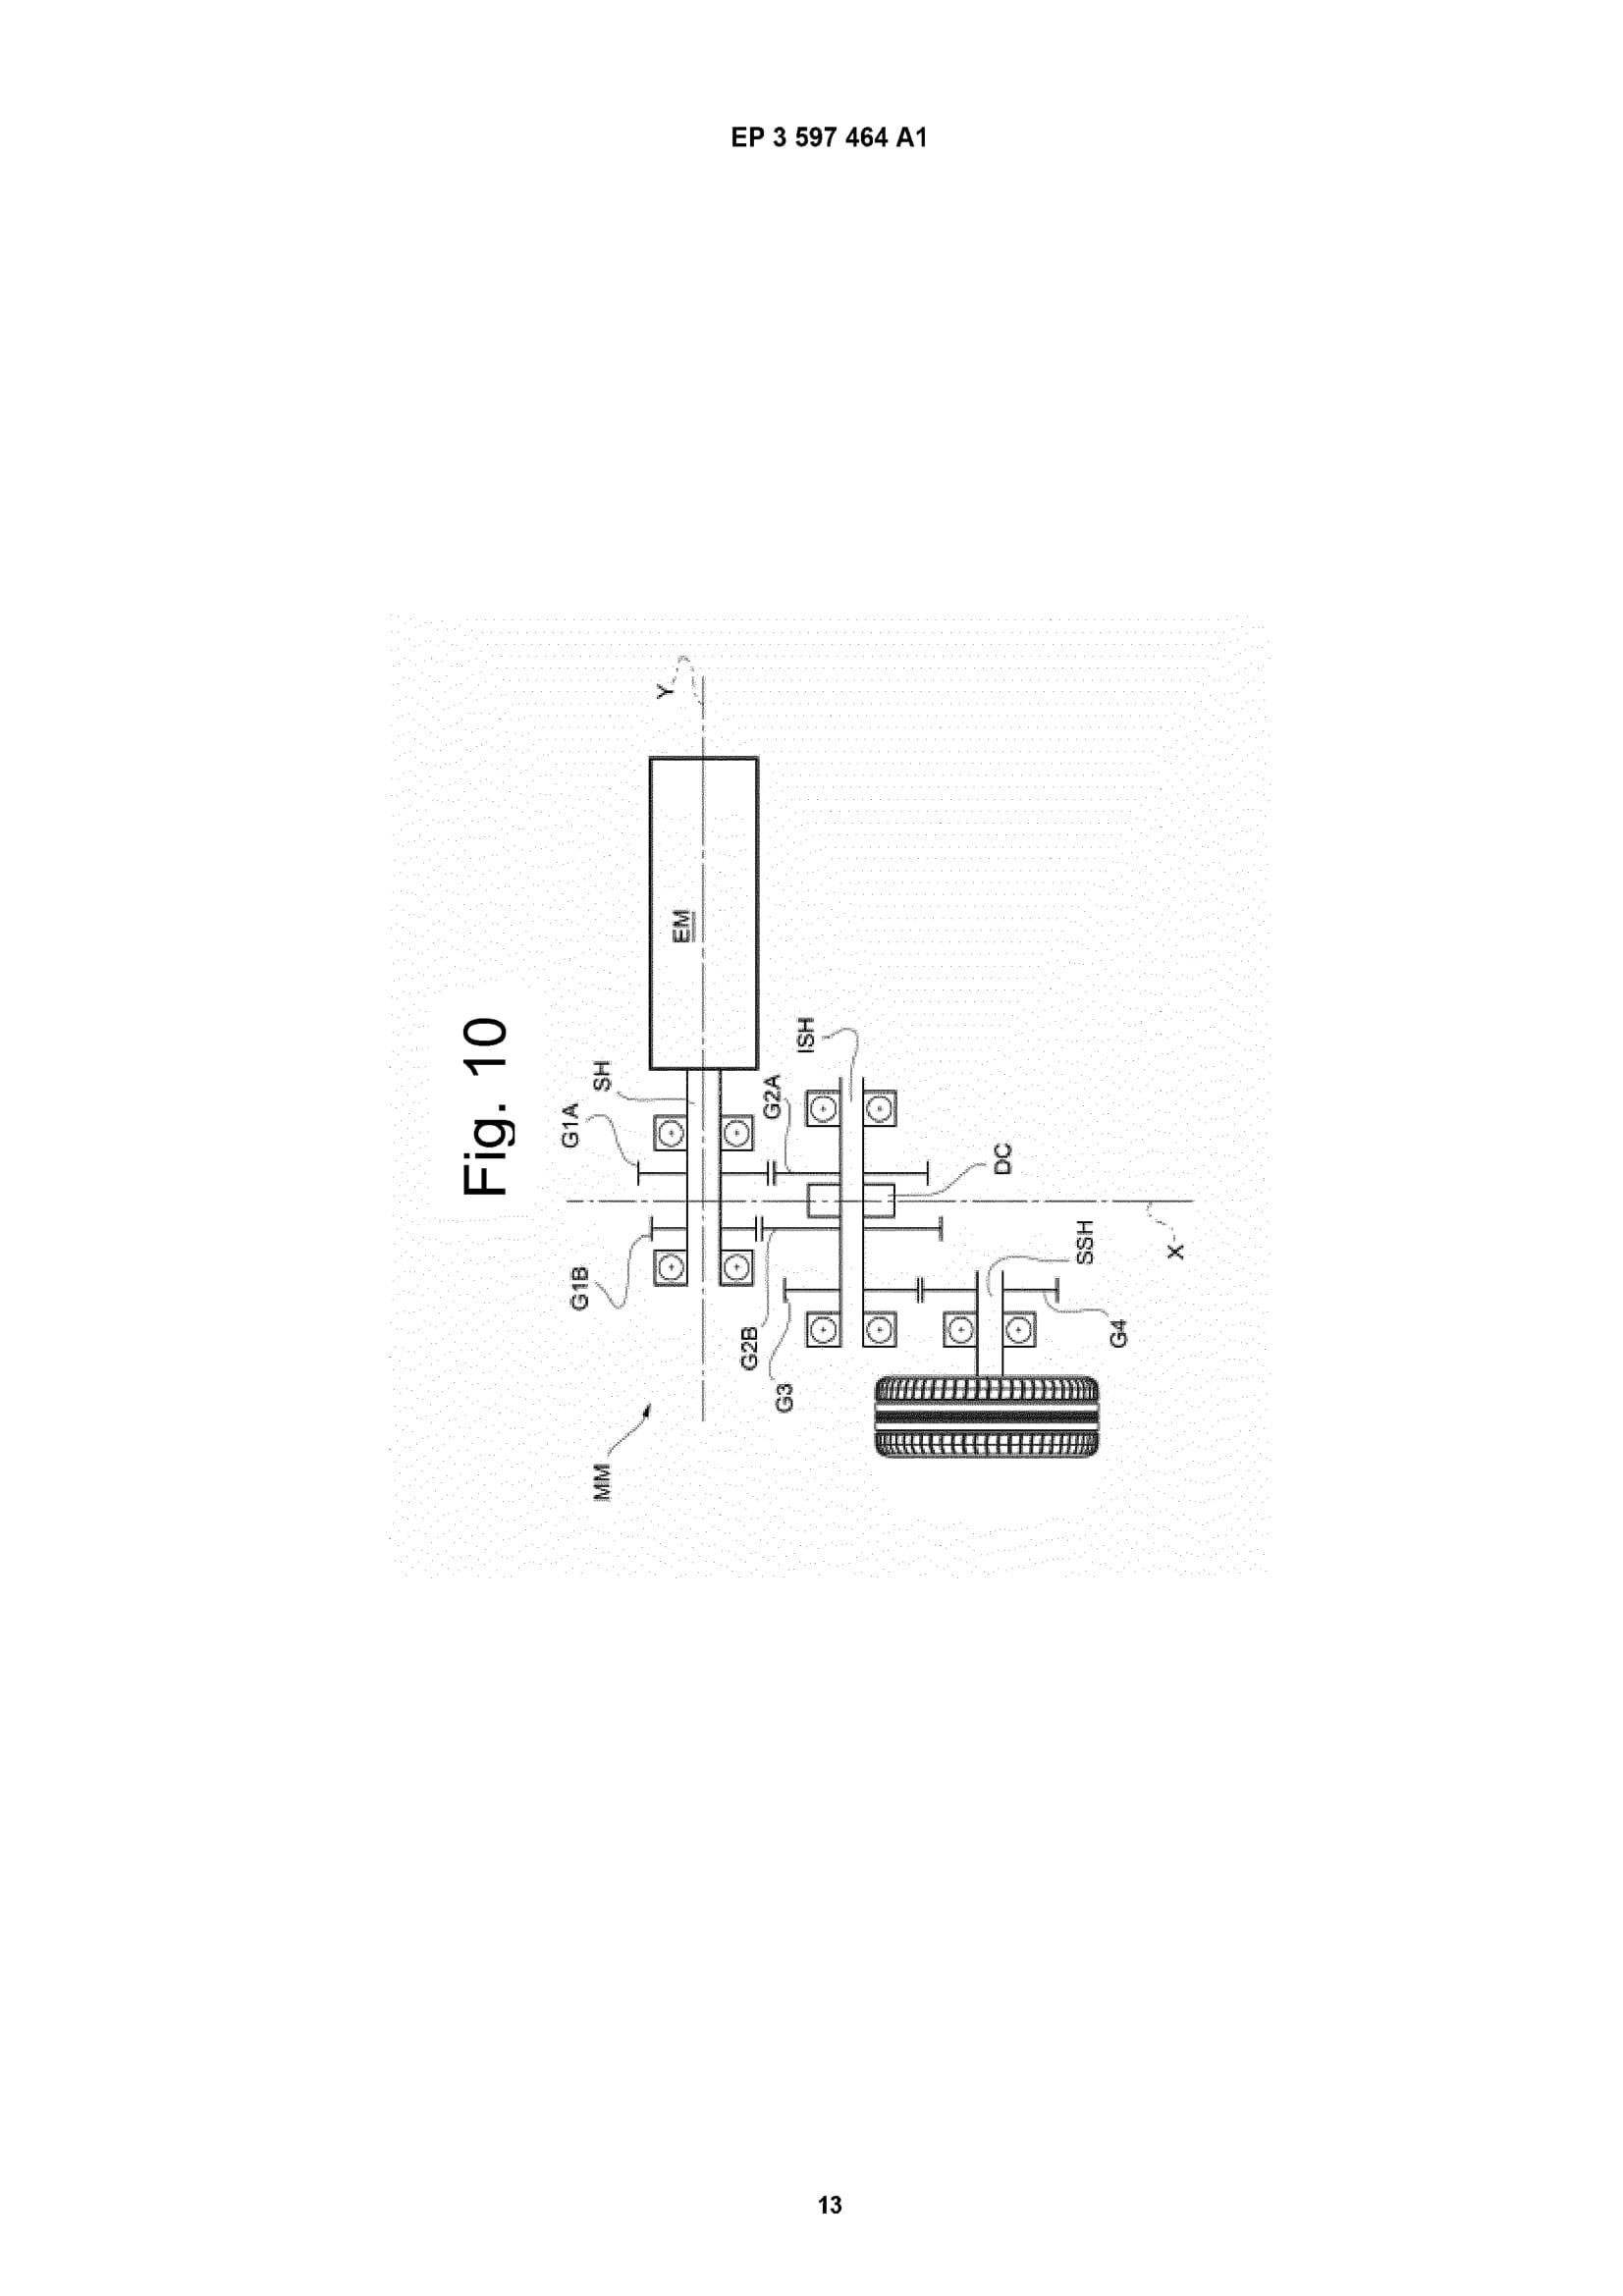 Ferrari-Electric-patent-13